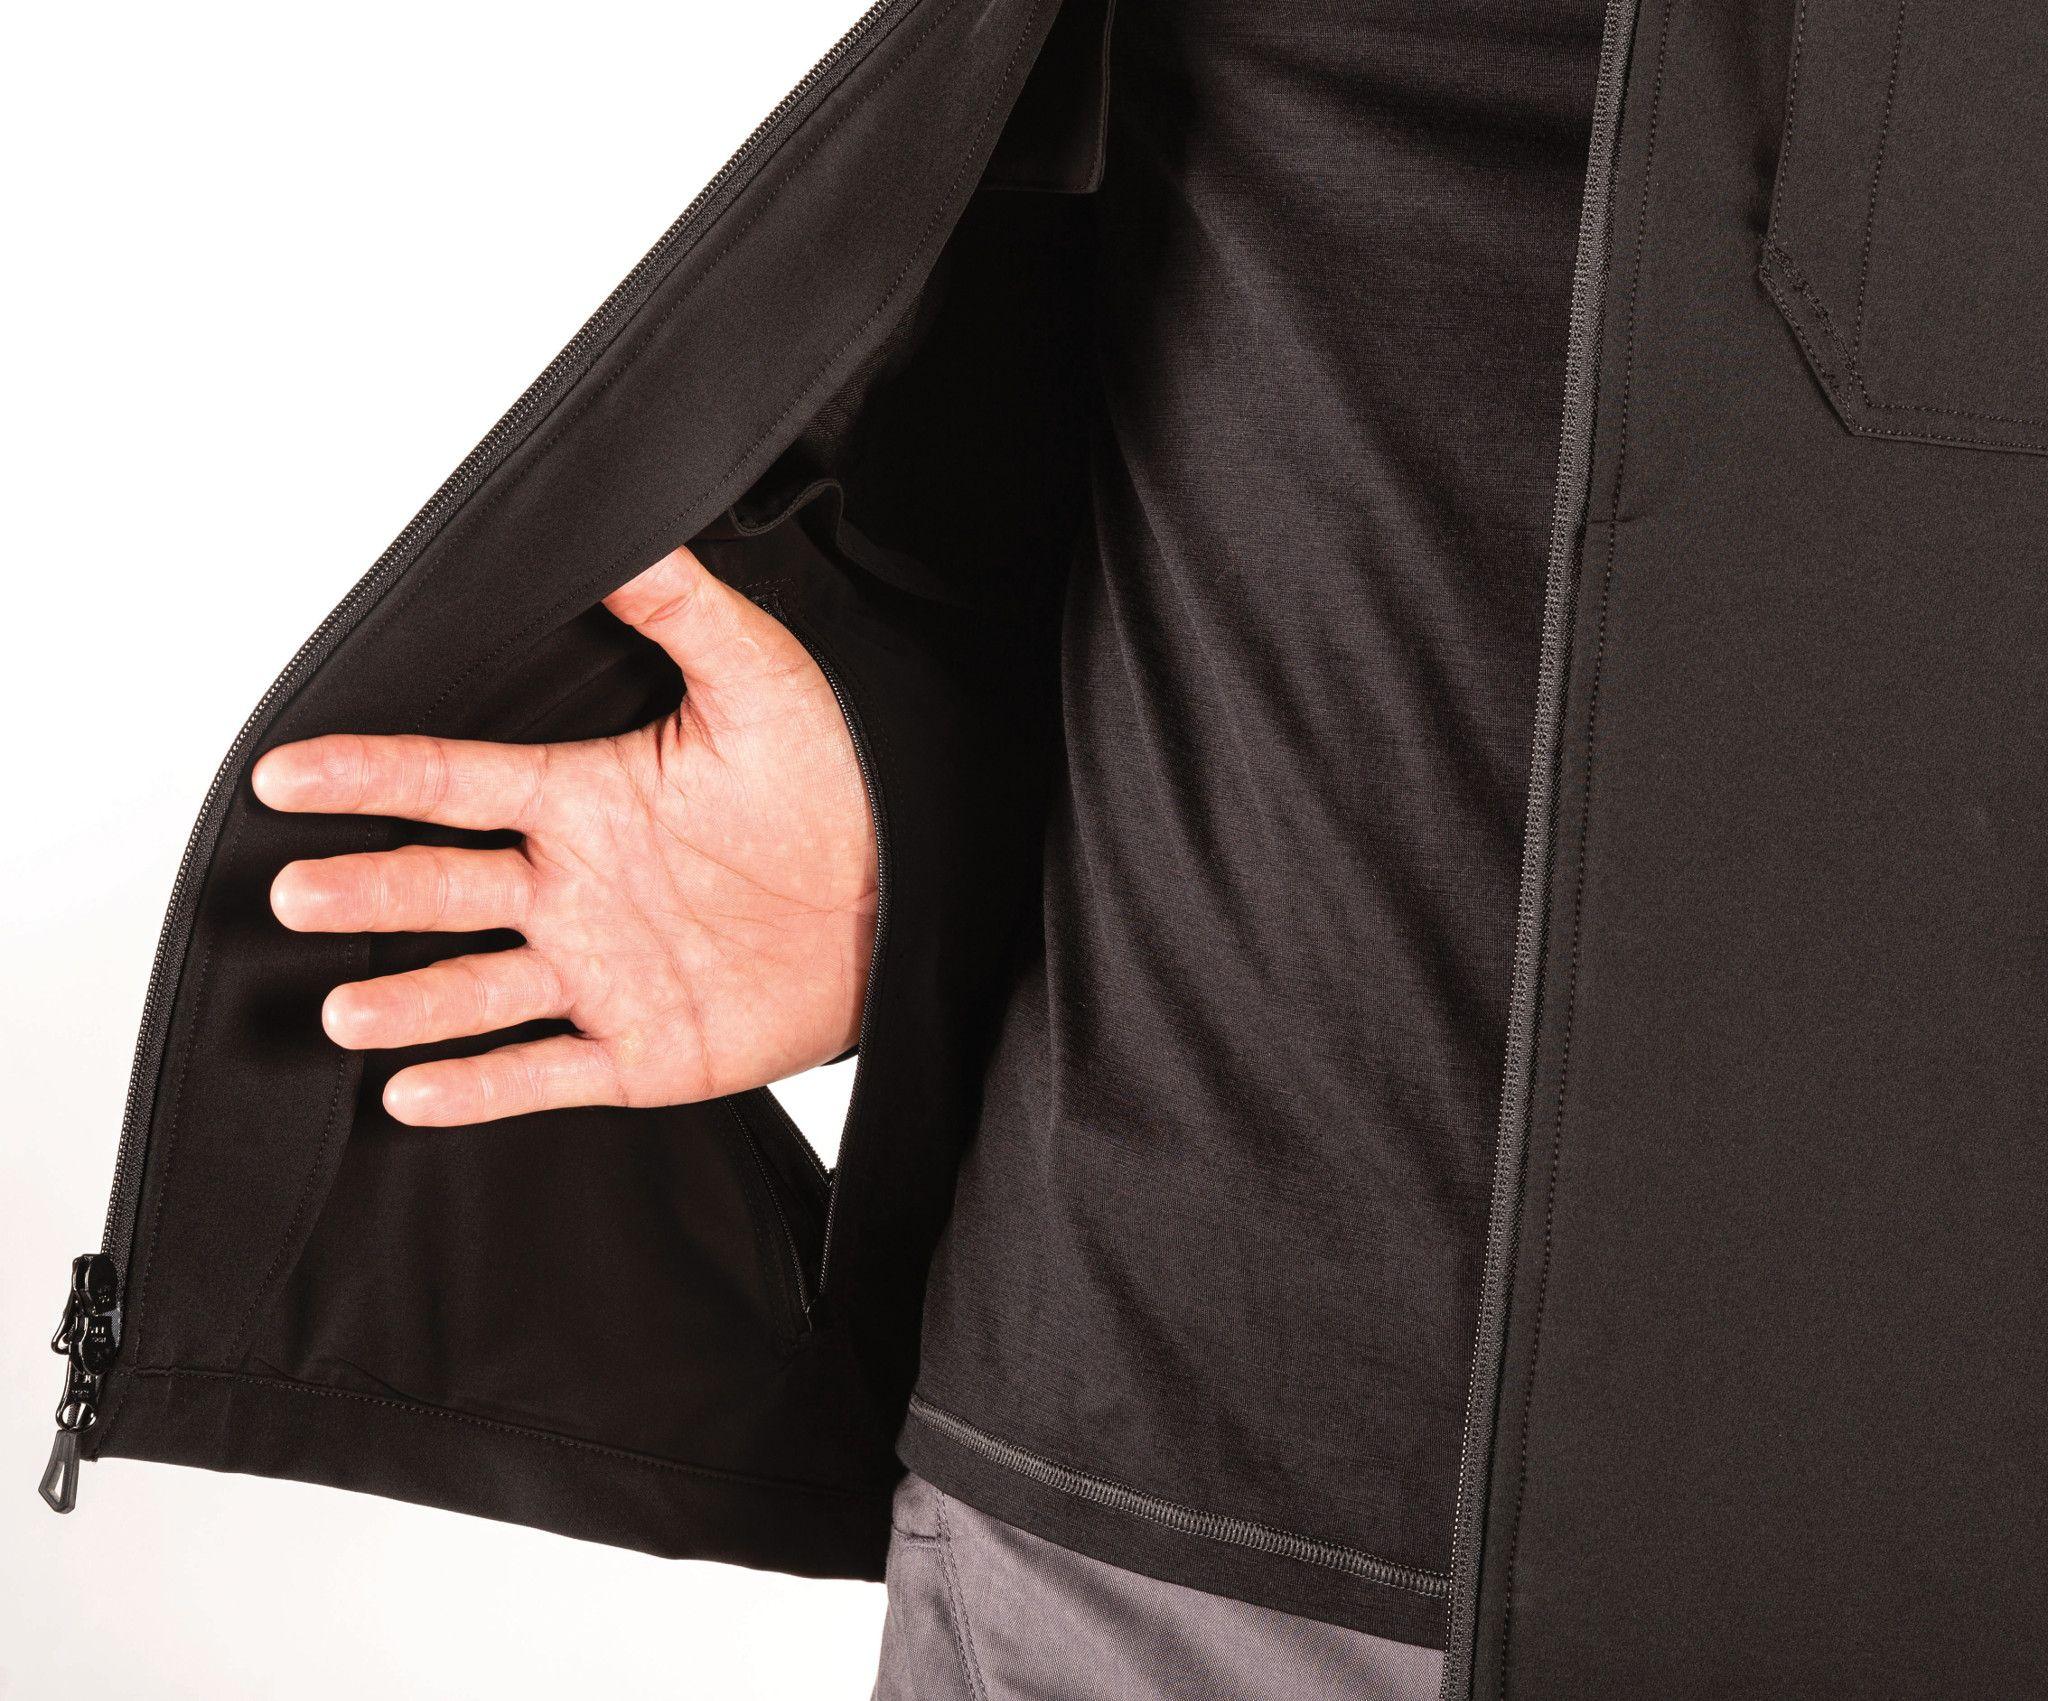 Không chỉ Balo/Túi mà Quần áo Tactical cũng có rất nhiều điểm hay ho? Bạn có muốn chúng tôi tổng hợp thêm trong một bài viết khác không?